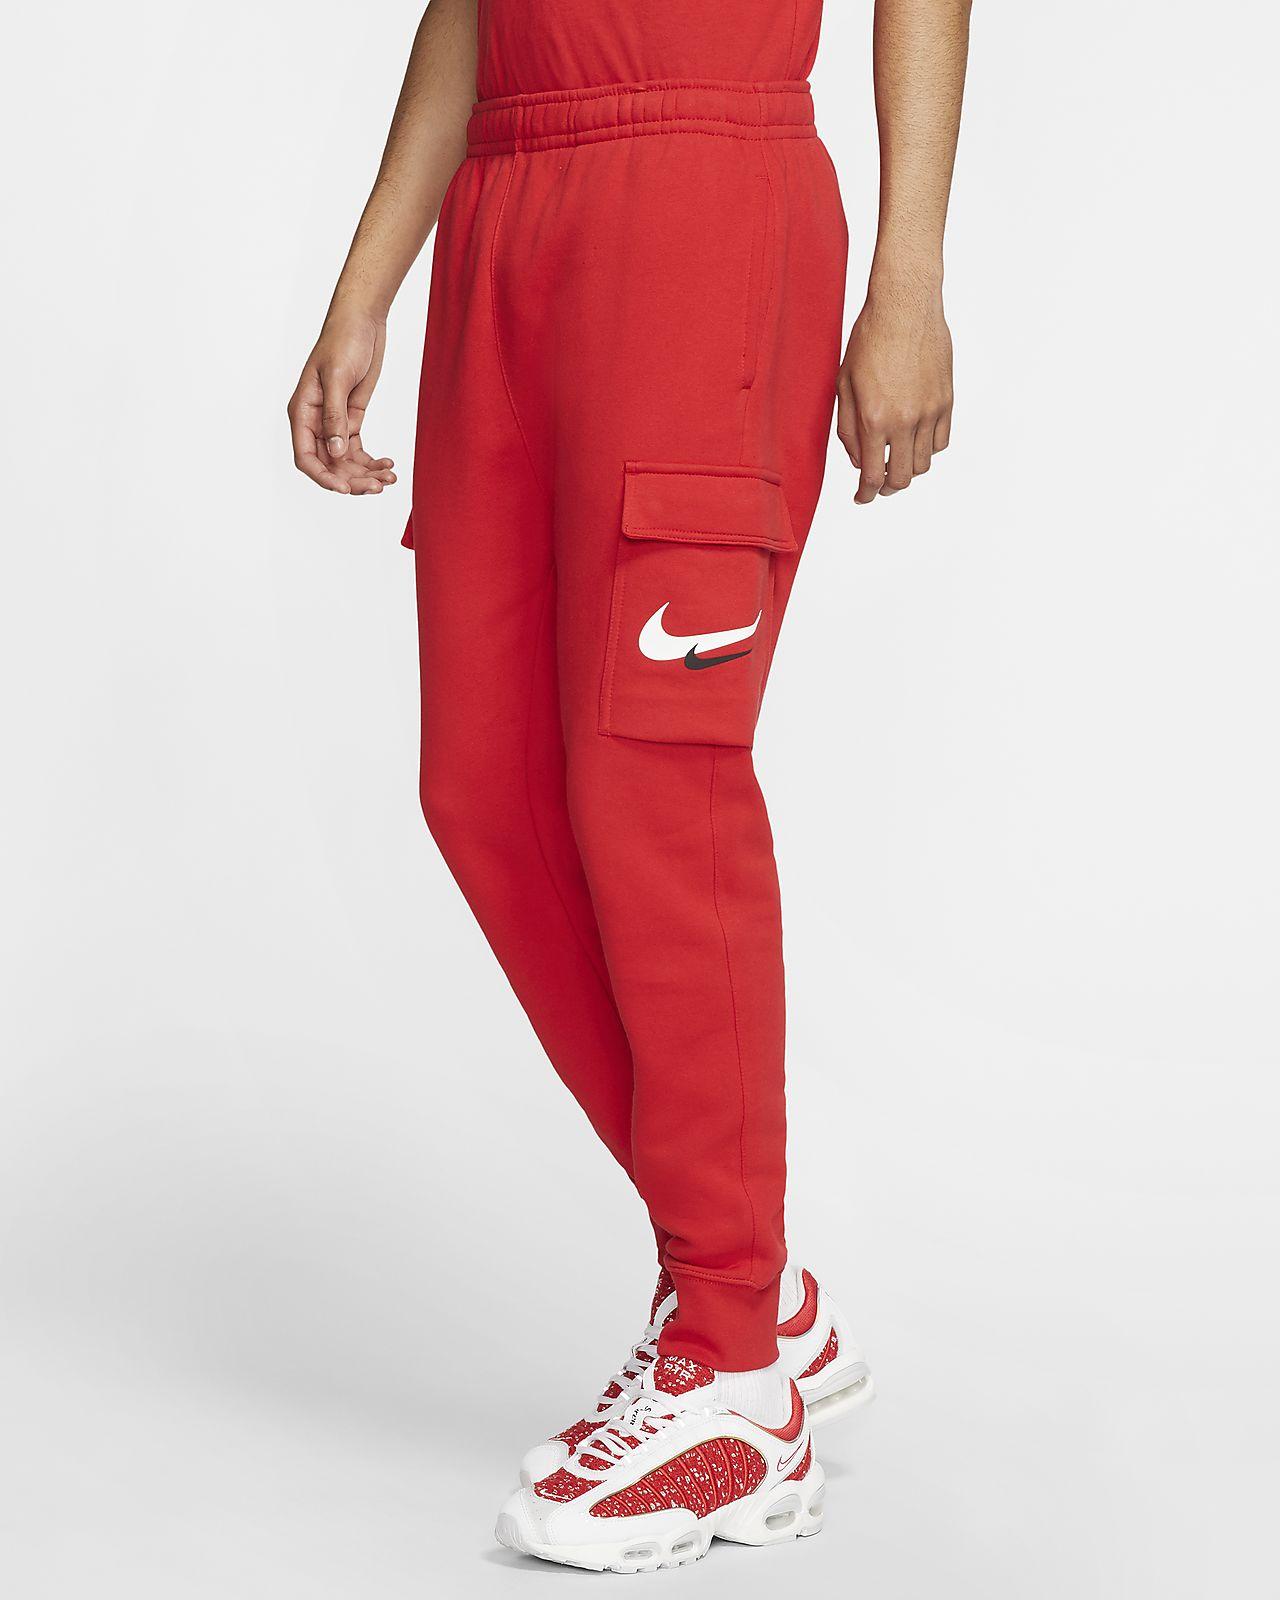 Ανδρικό εμπριμέ παντελόνι cargo με σήμα Swoosh Nike Sportswear